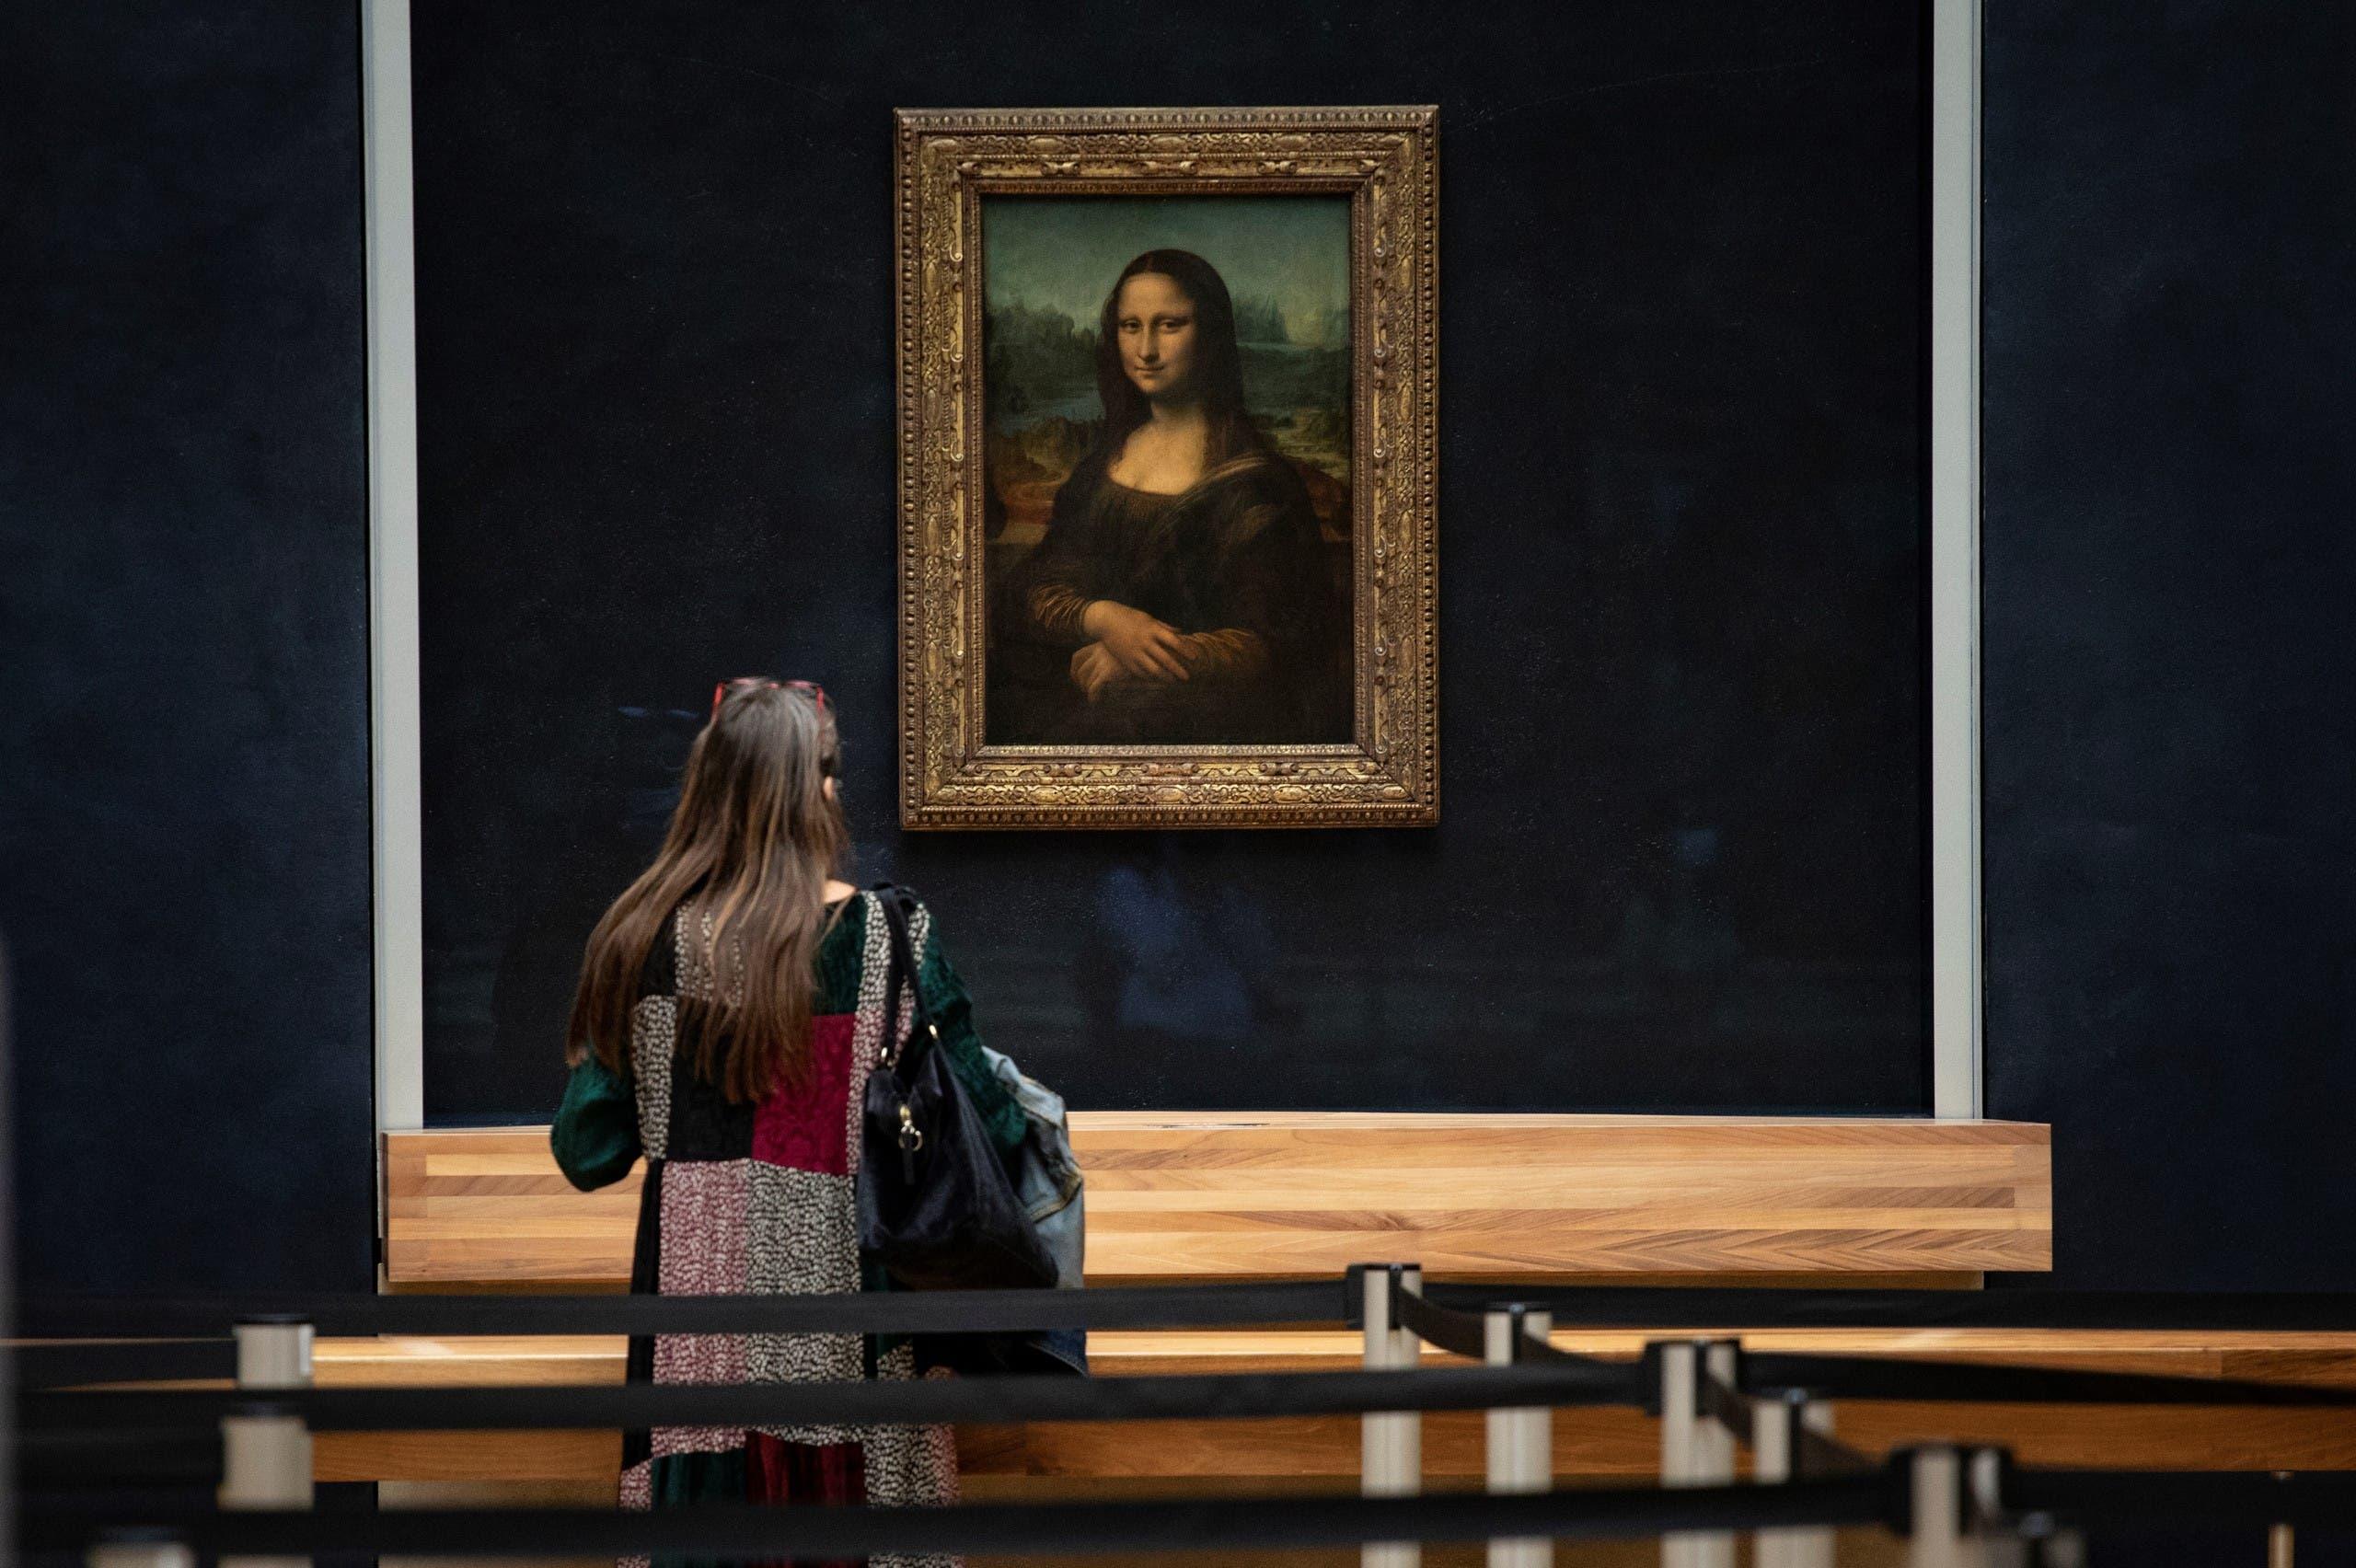 لوحة الموناليزا - بمتحف اللوفر